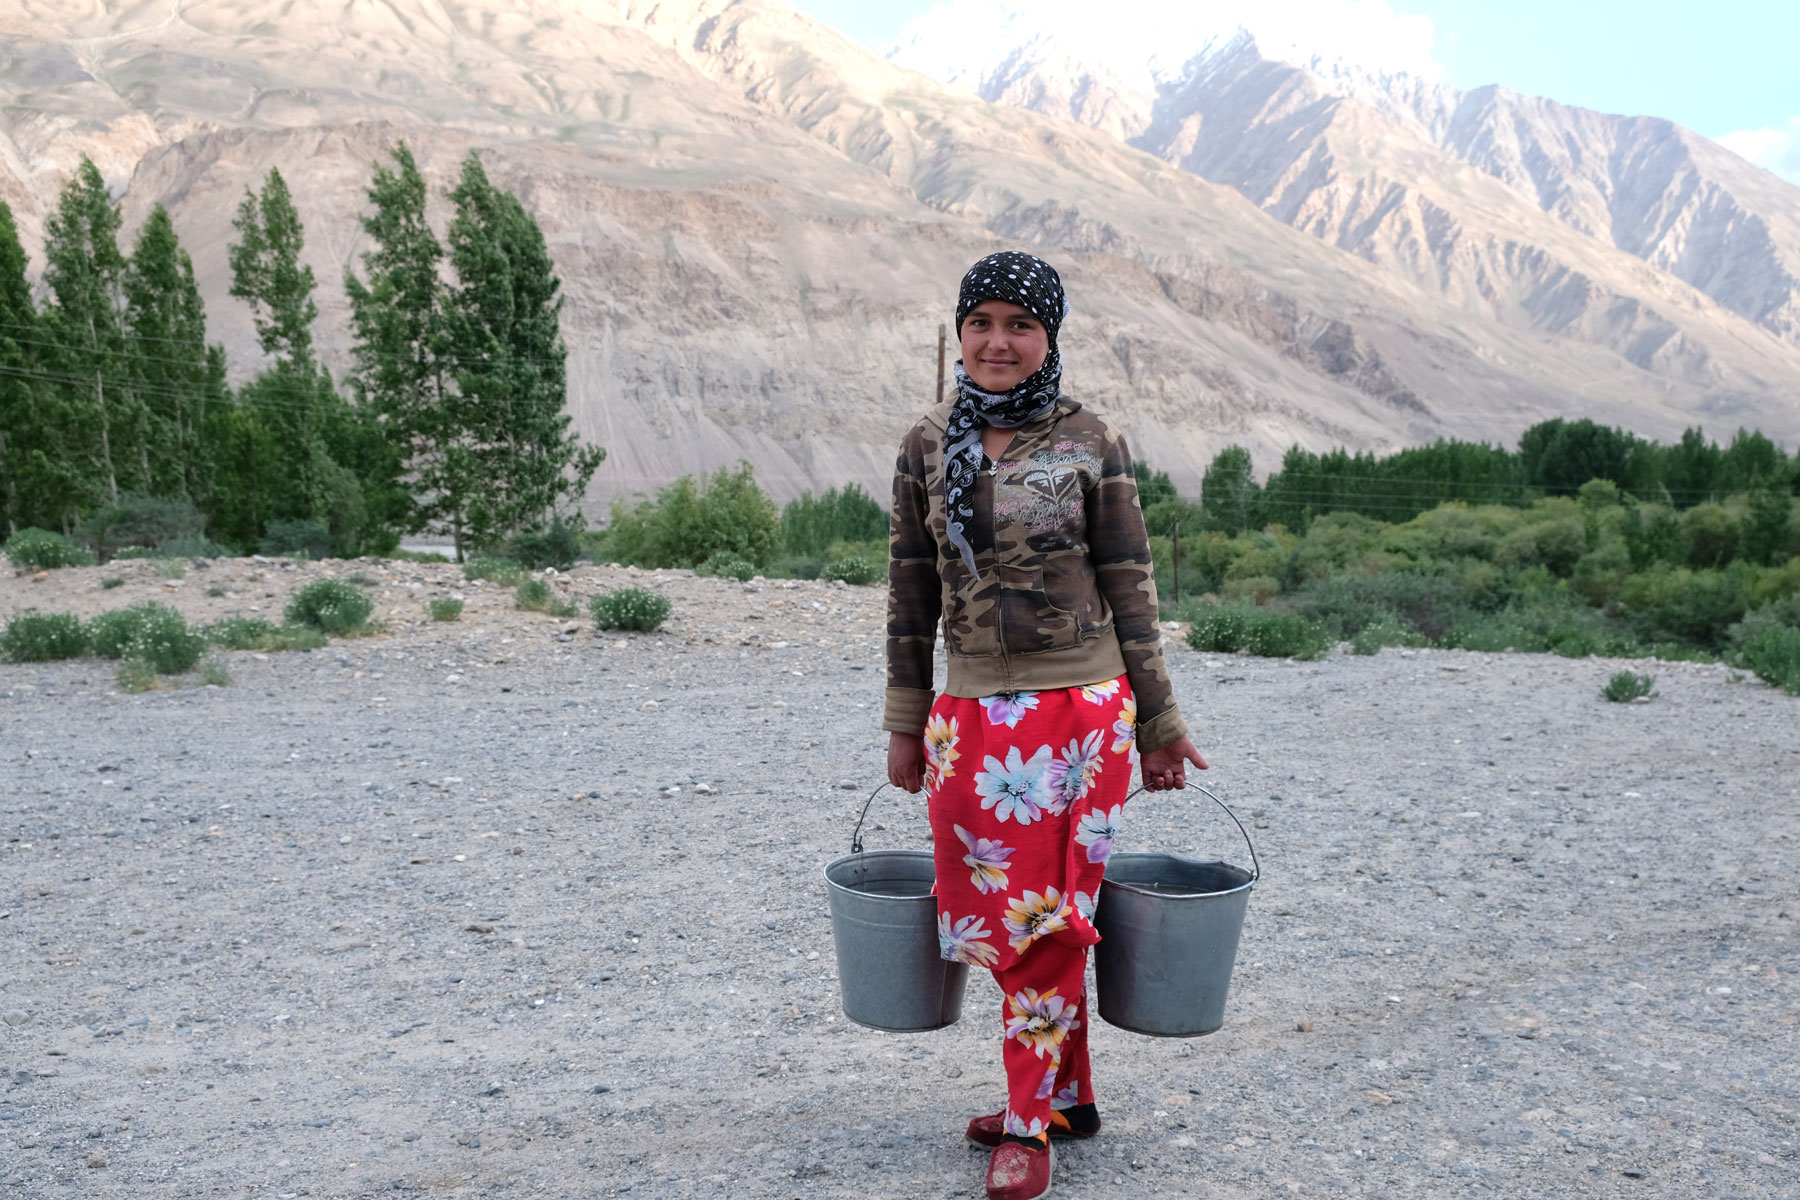 Dieses Mädchen hat ebenfalls Wasser geholt und trägt die Eimer nach Hause